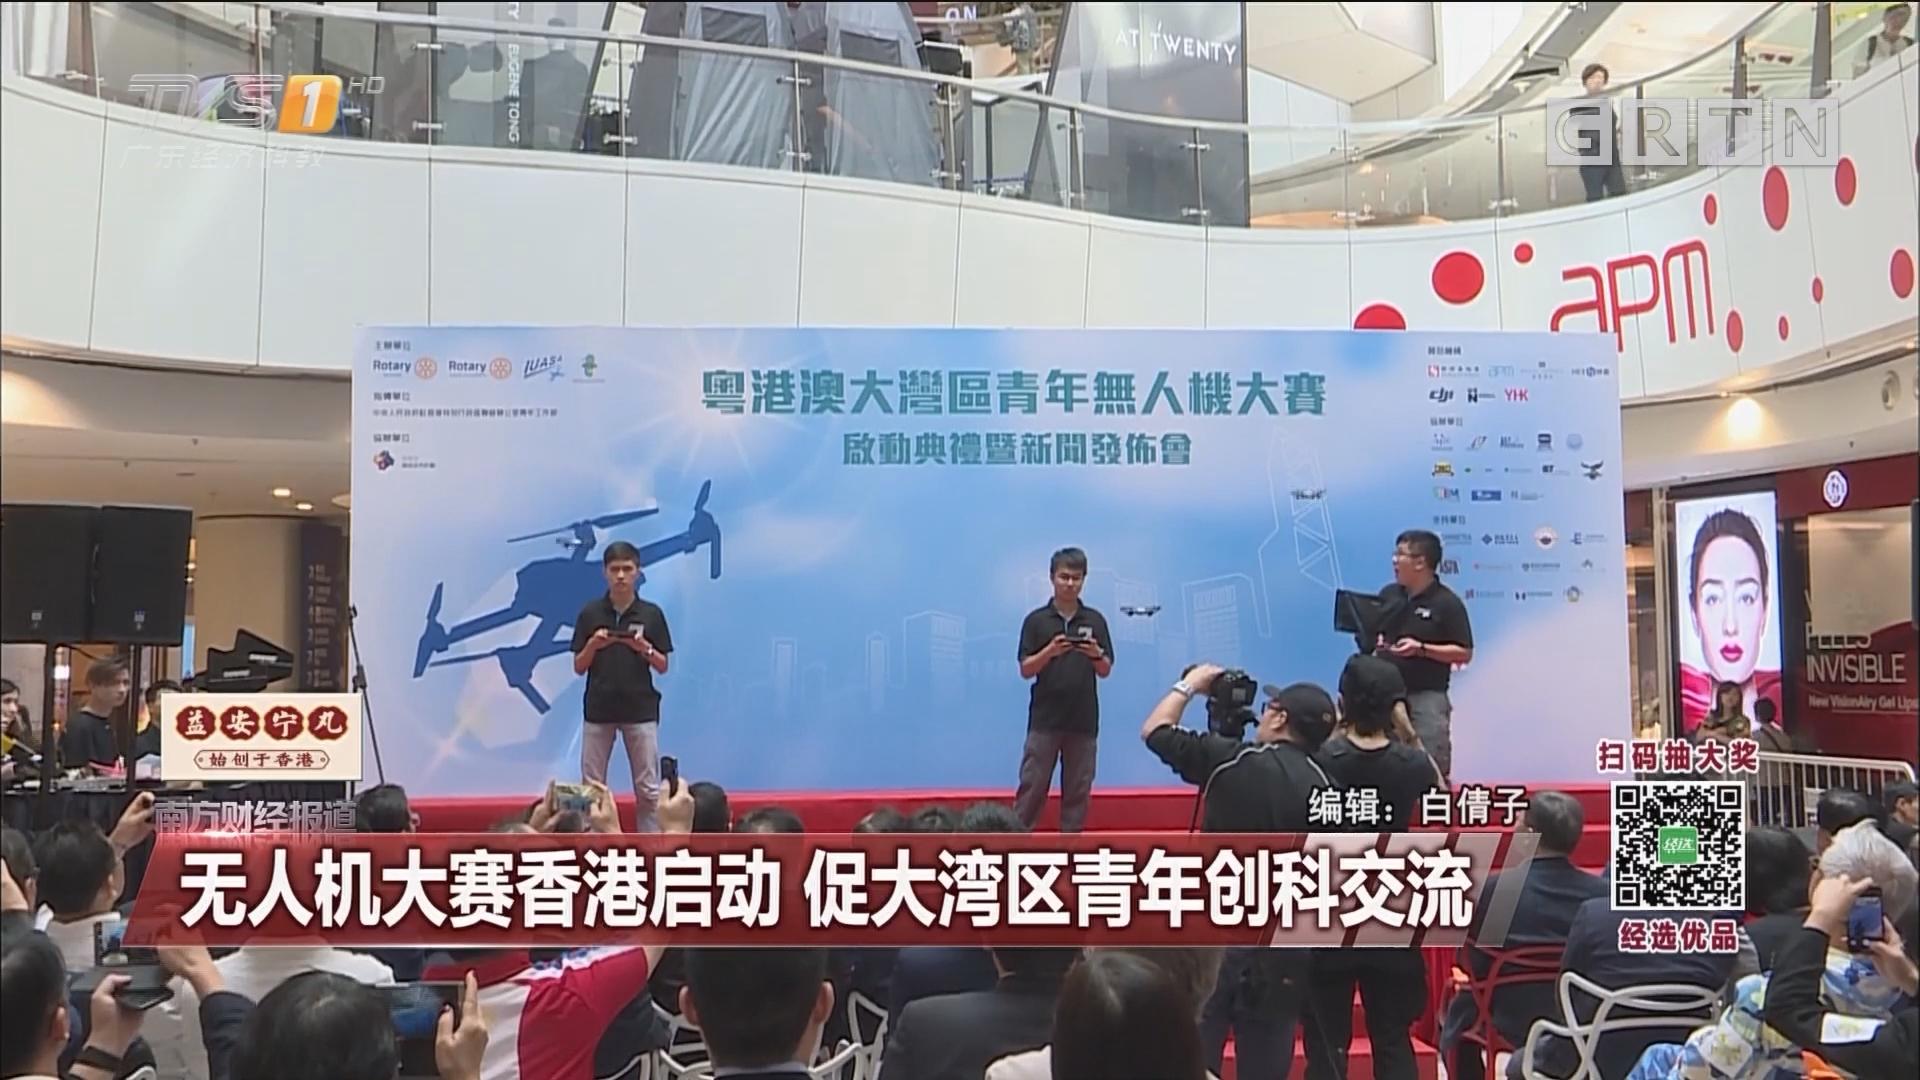 无人机大赛香港启动 促大湾区青年创科交流